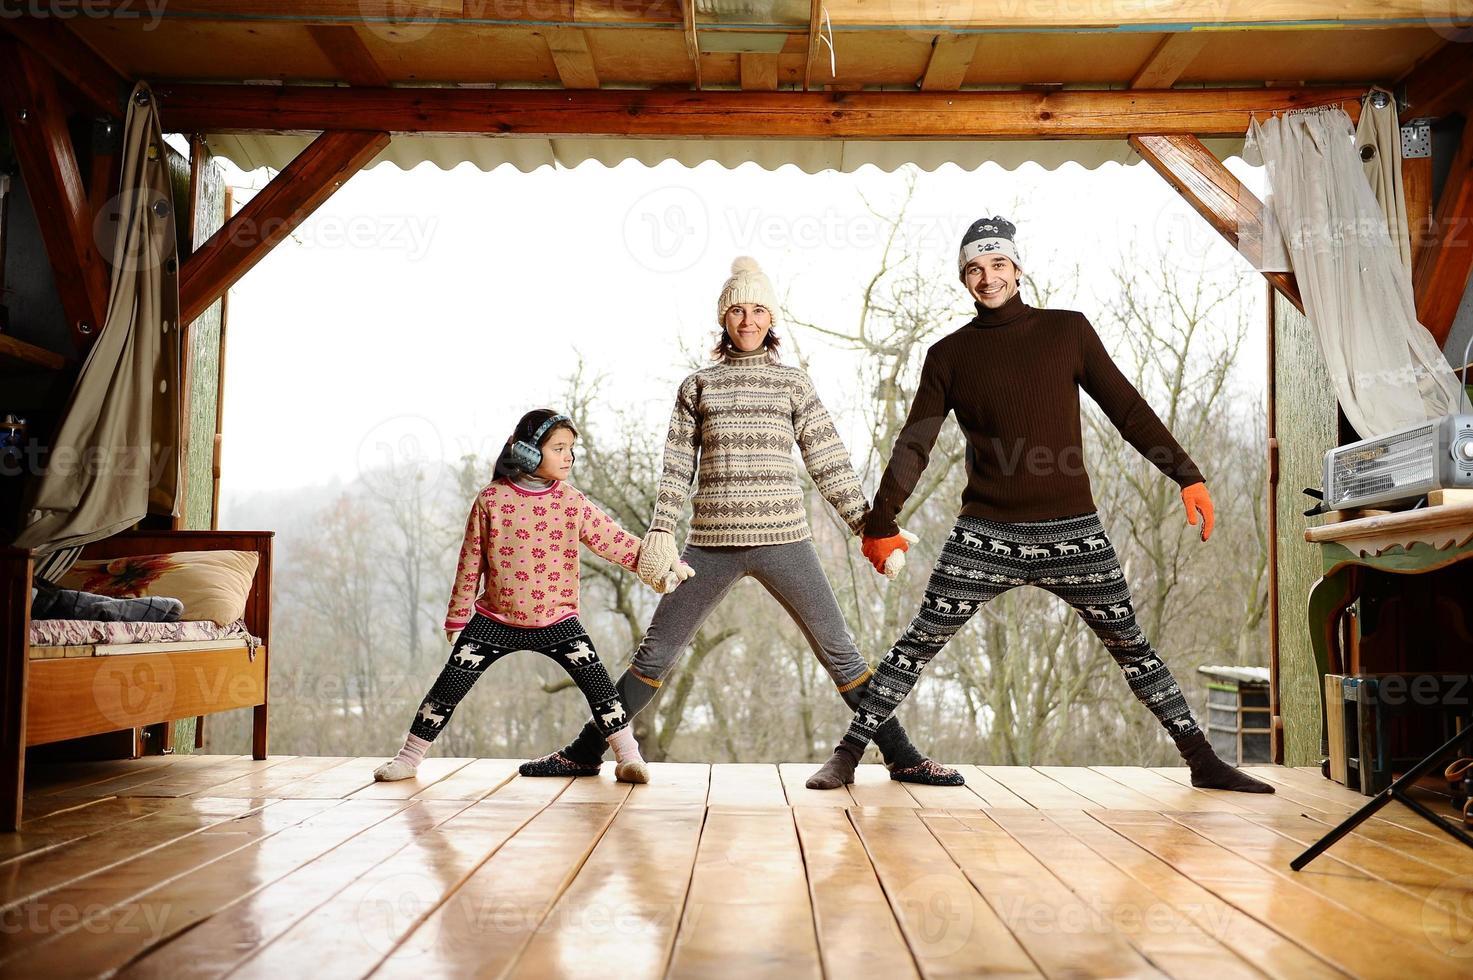 Familia joven en el porche de una casa de campo. foto